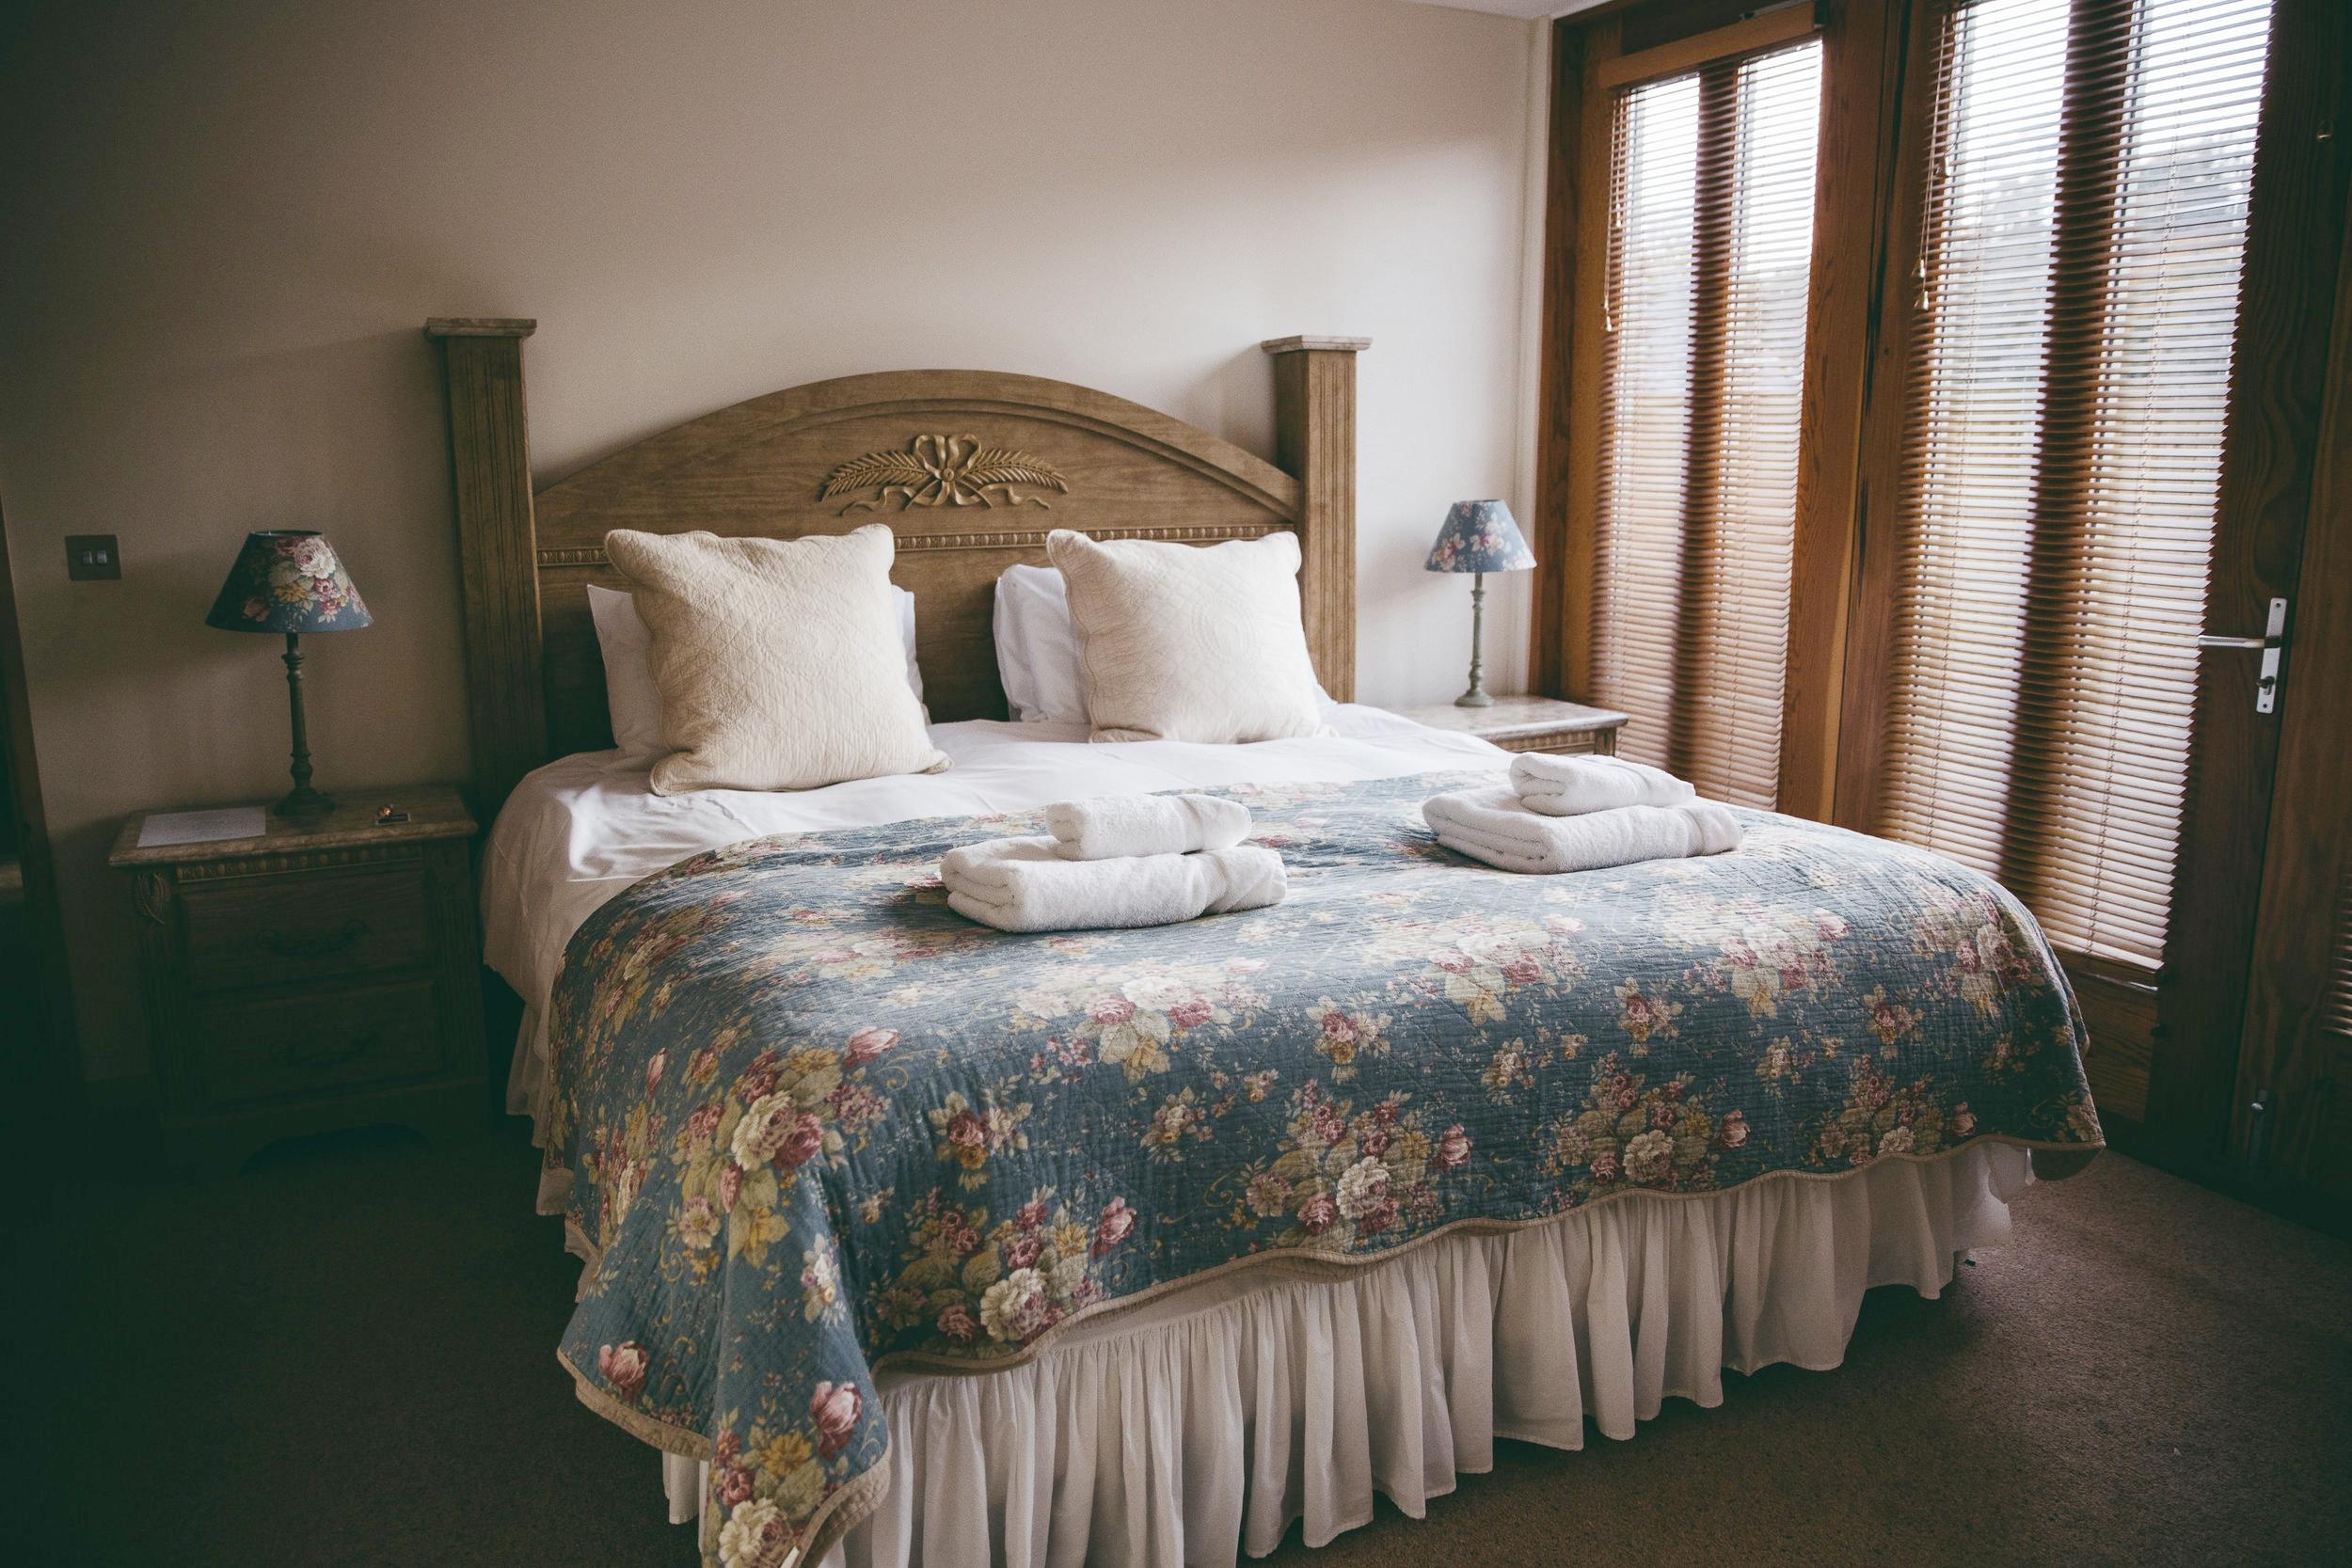 Superking bedroom